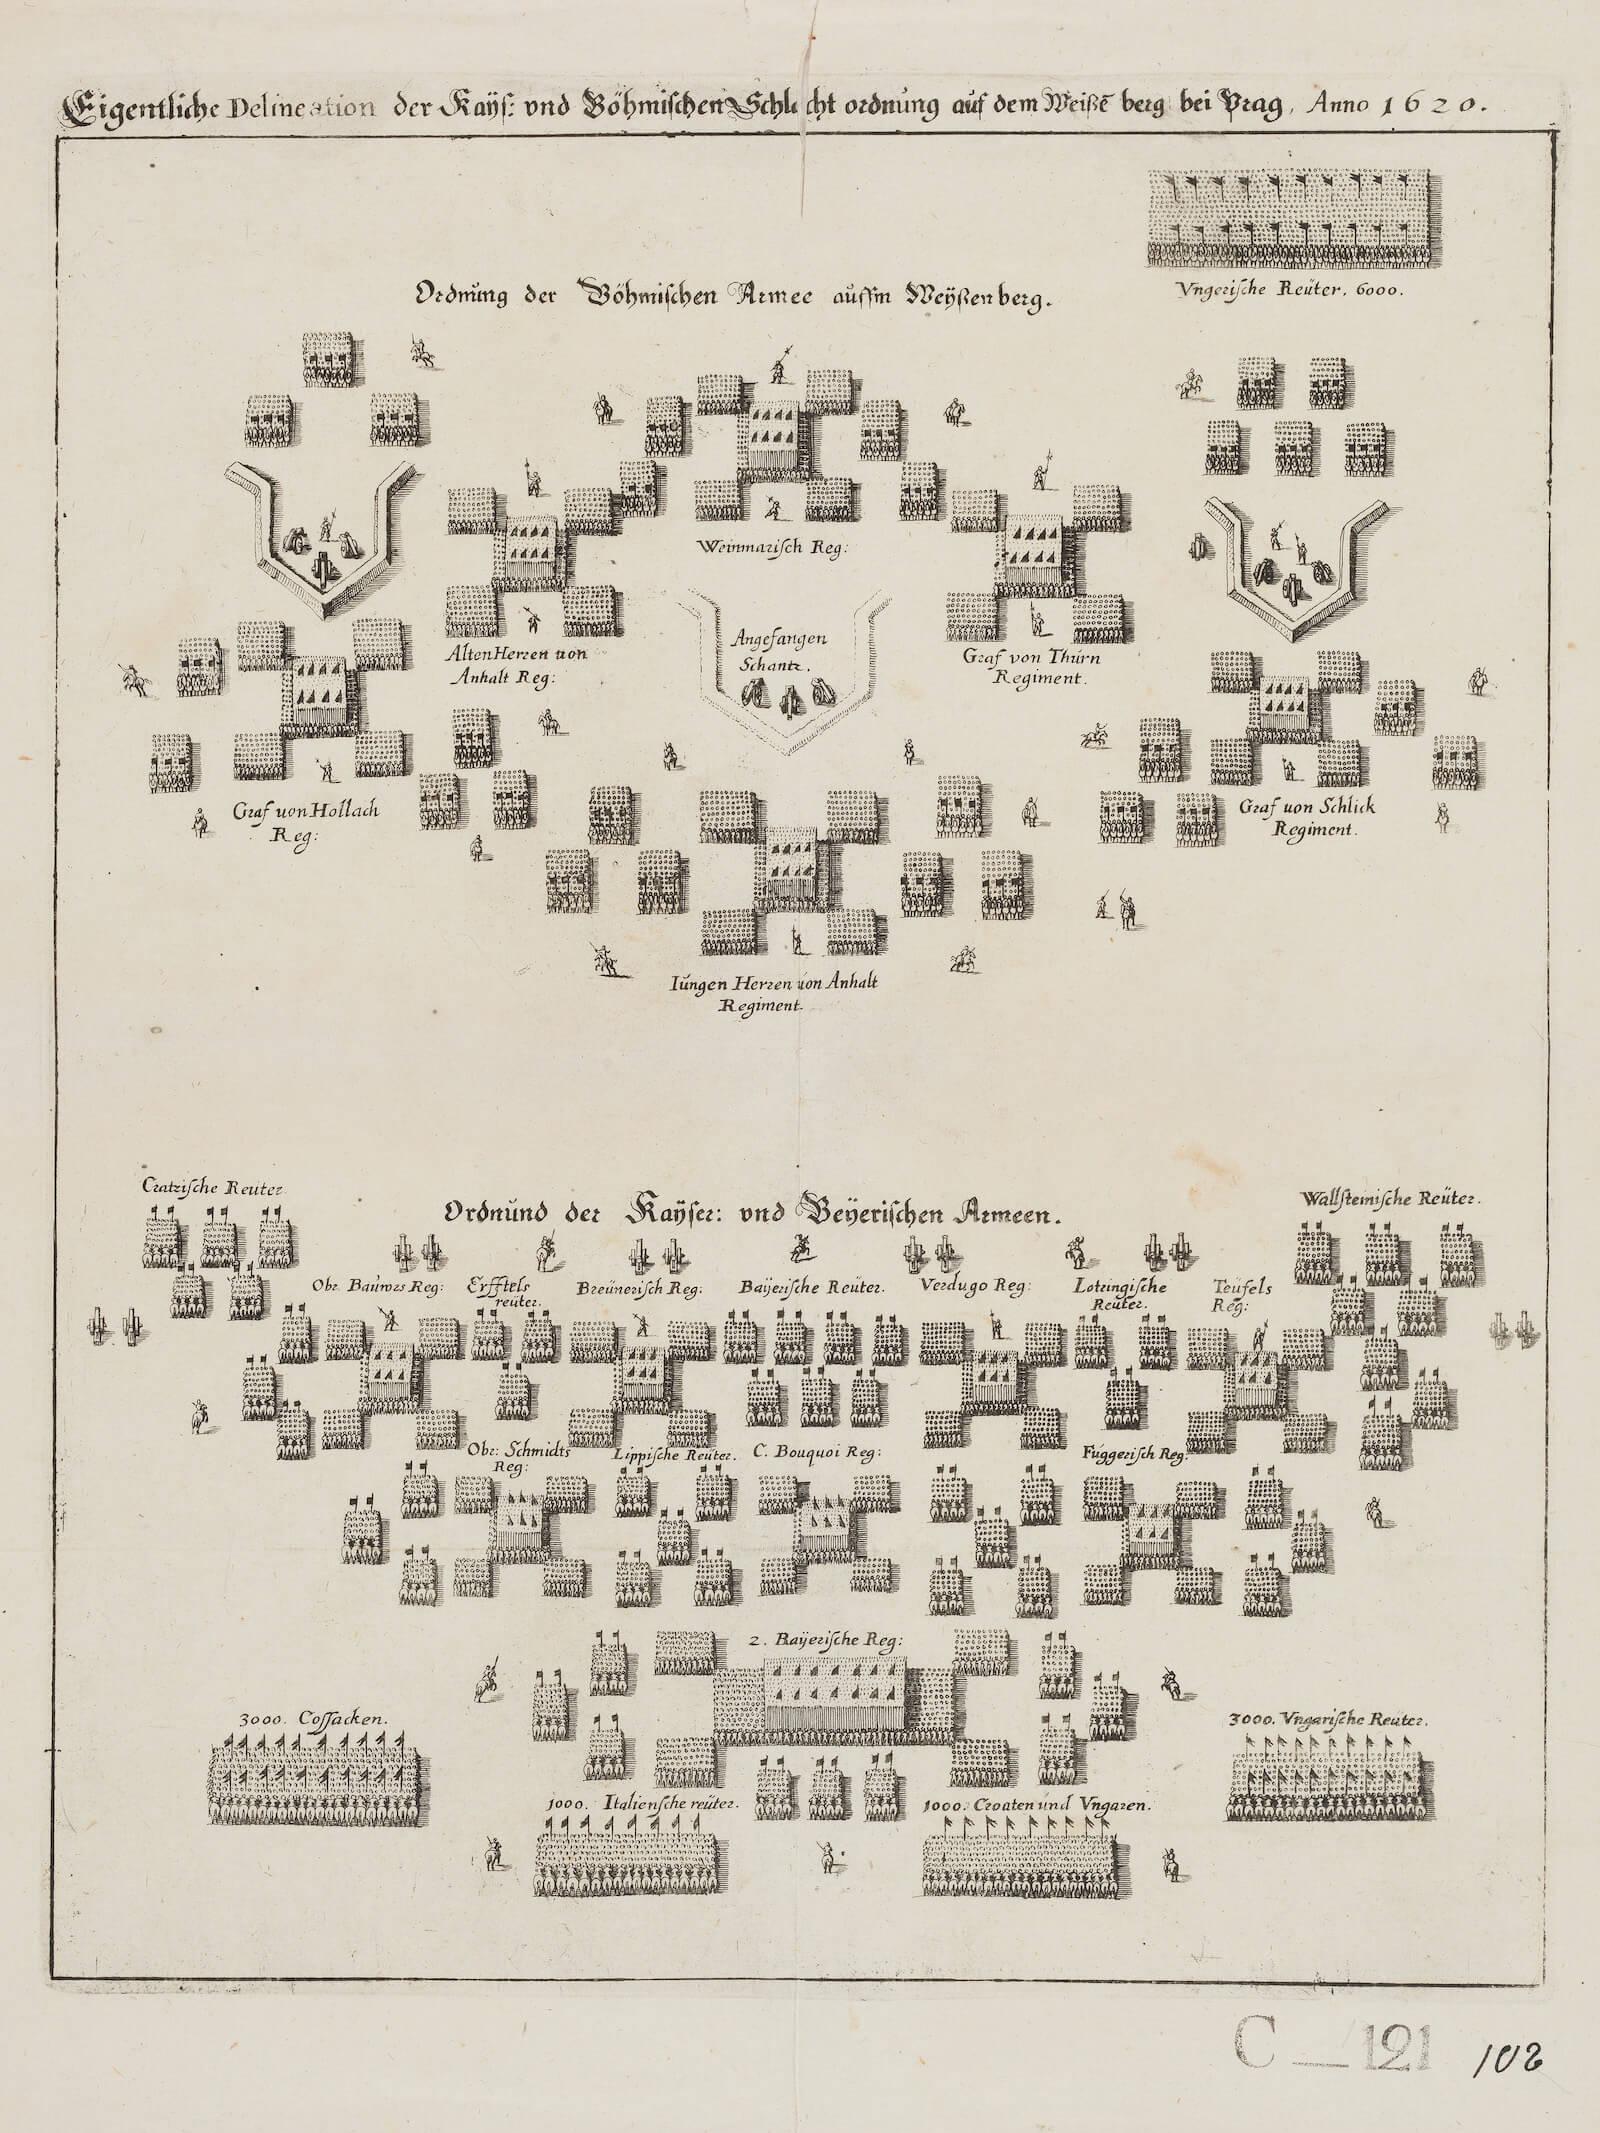 orden de batalla de los ejércitos imperial y bohemio en la batalla de Montaña Blanca tácticas guerra de los treinta años